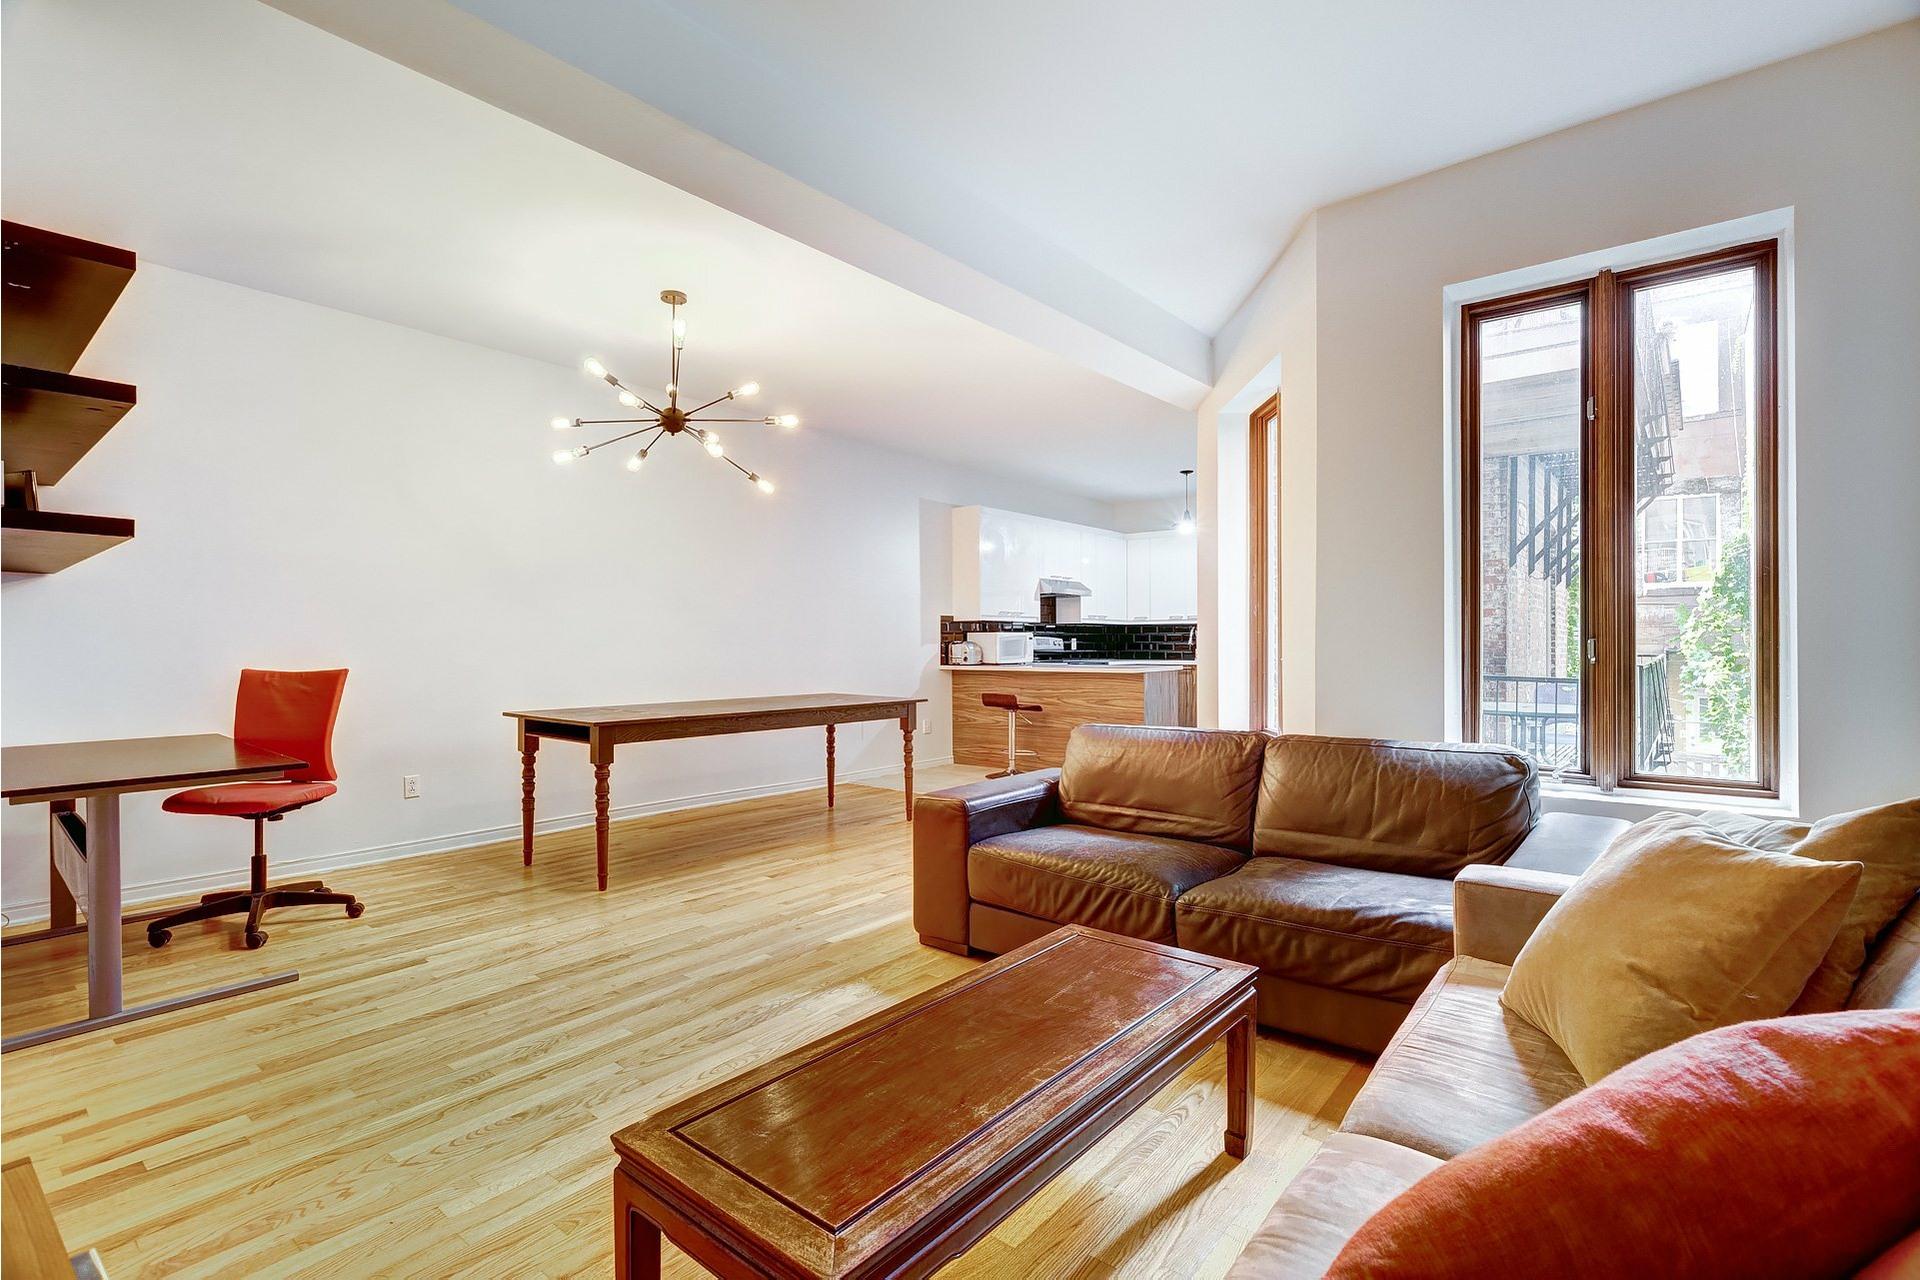 image 3 - Appartement À louer Outremont Montréal  - 5 pièces